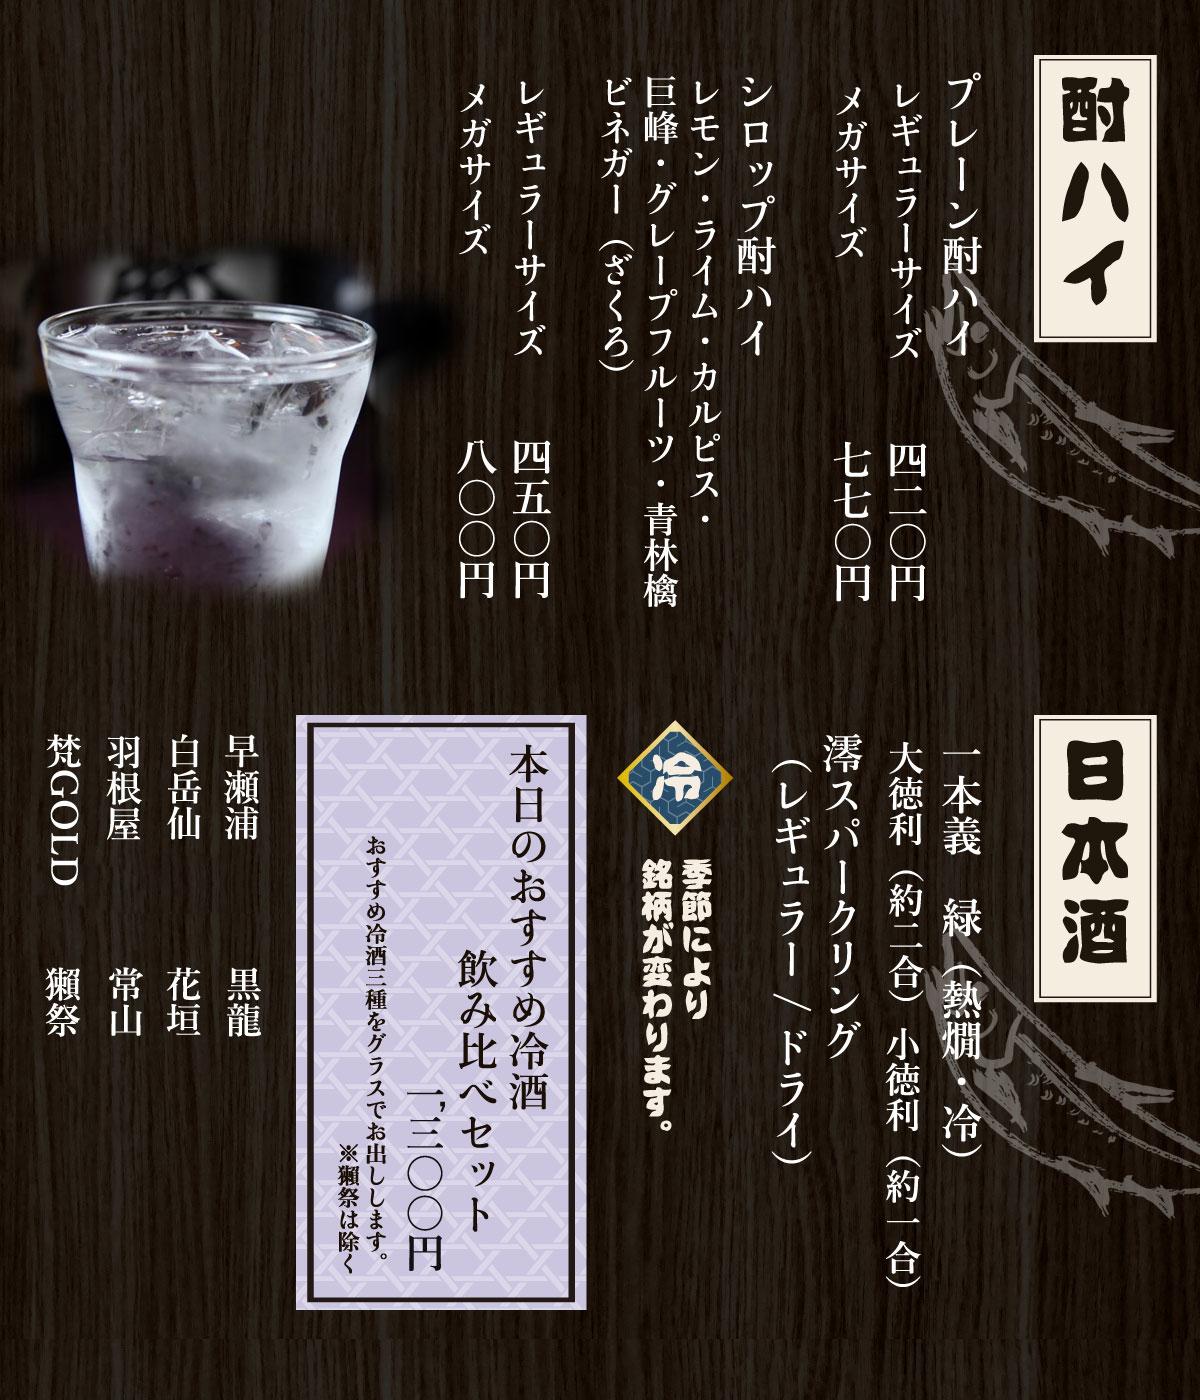 menu_6_3